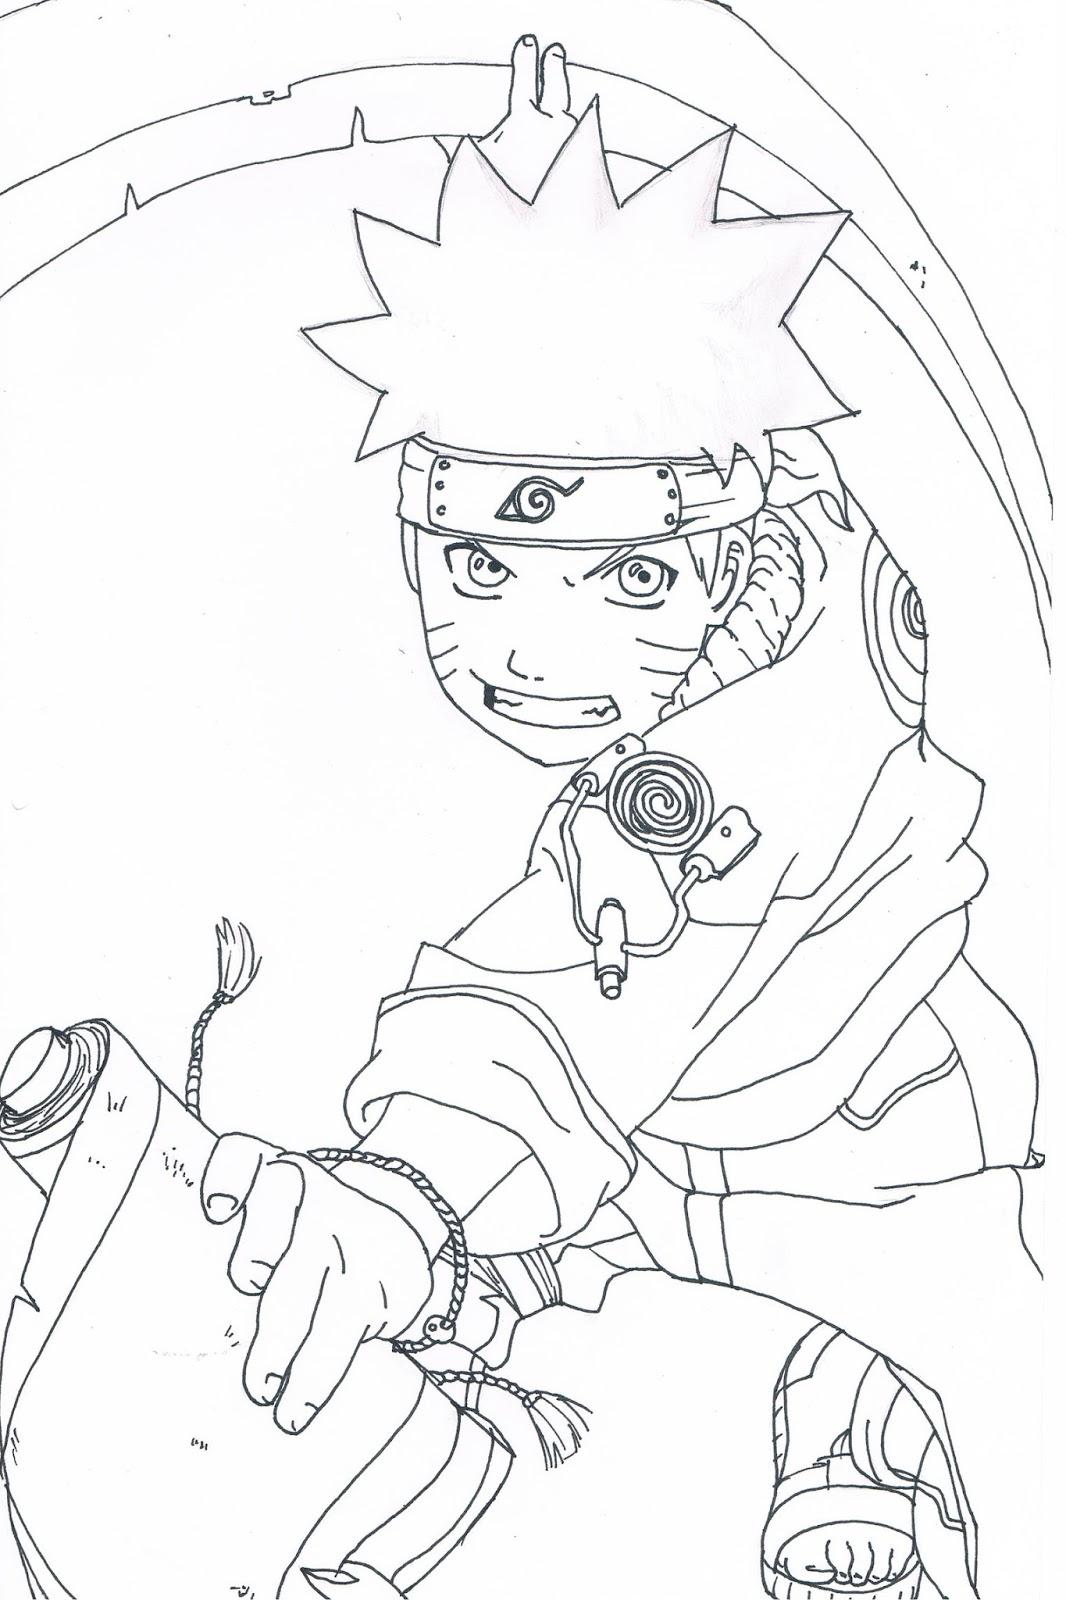 8100 Koleksi Gambar Naruto Keren Mudah Digambar HD Terbaru